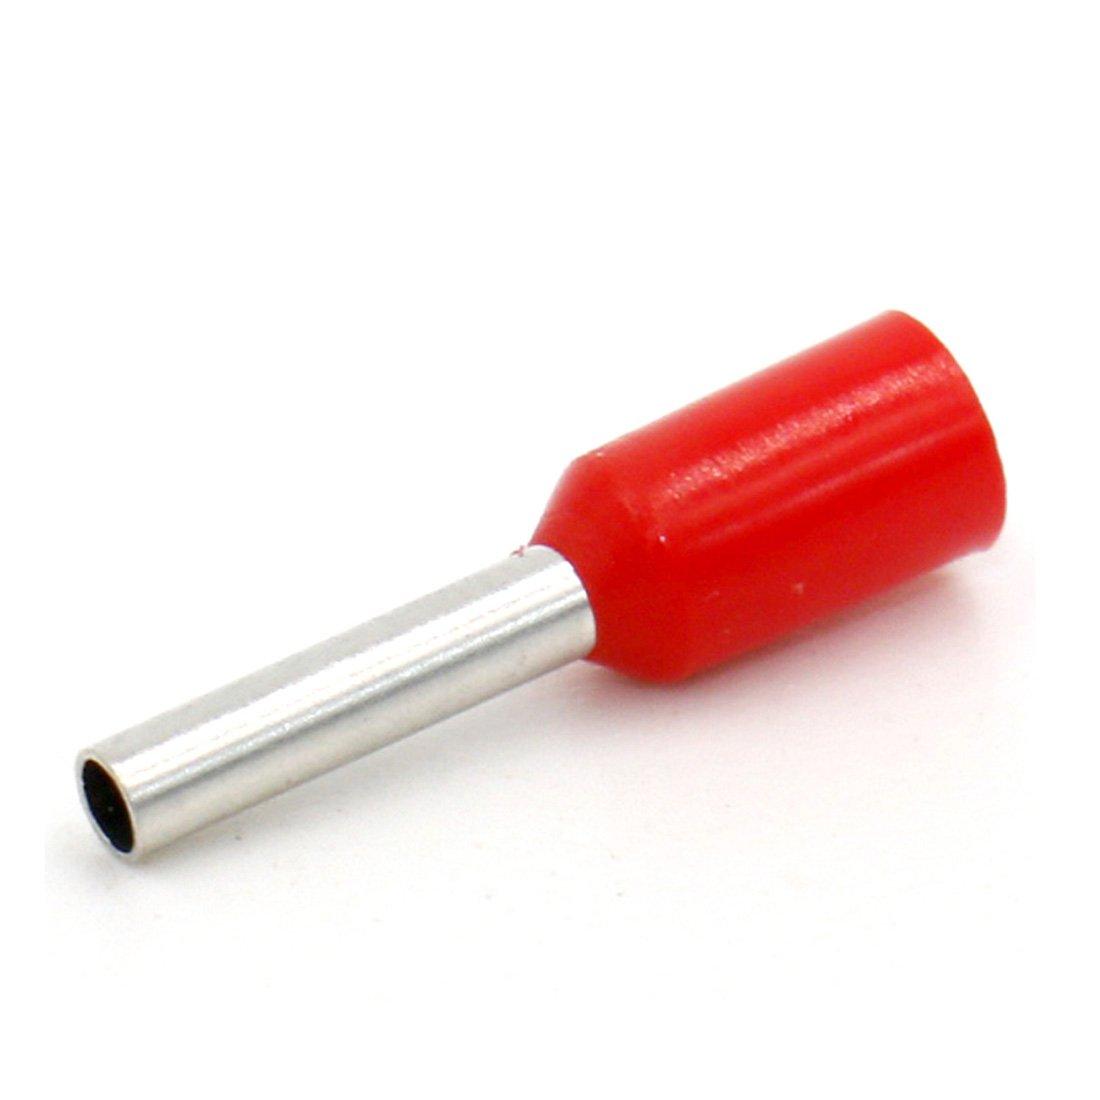 conector de alambre de cobre aislado de vinilo Heschen E1008 AWG 18//1.0 mm/² rojo 1000 unidades